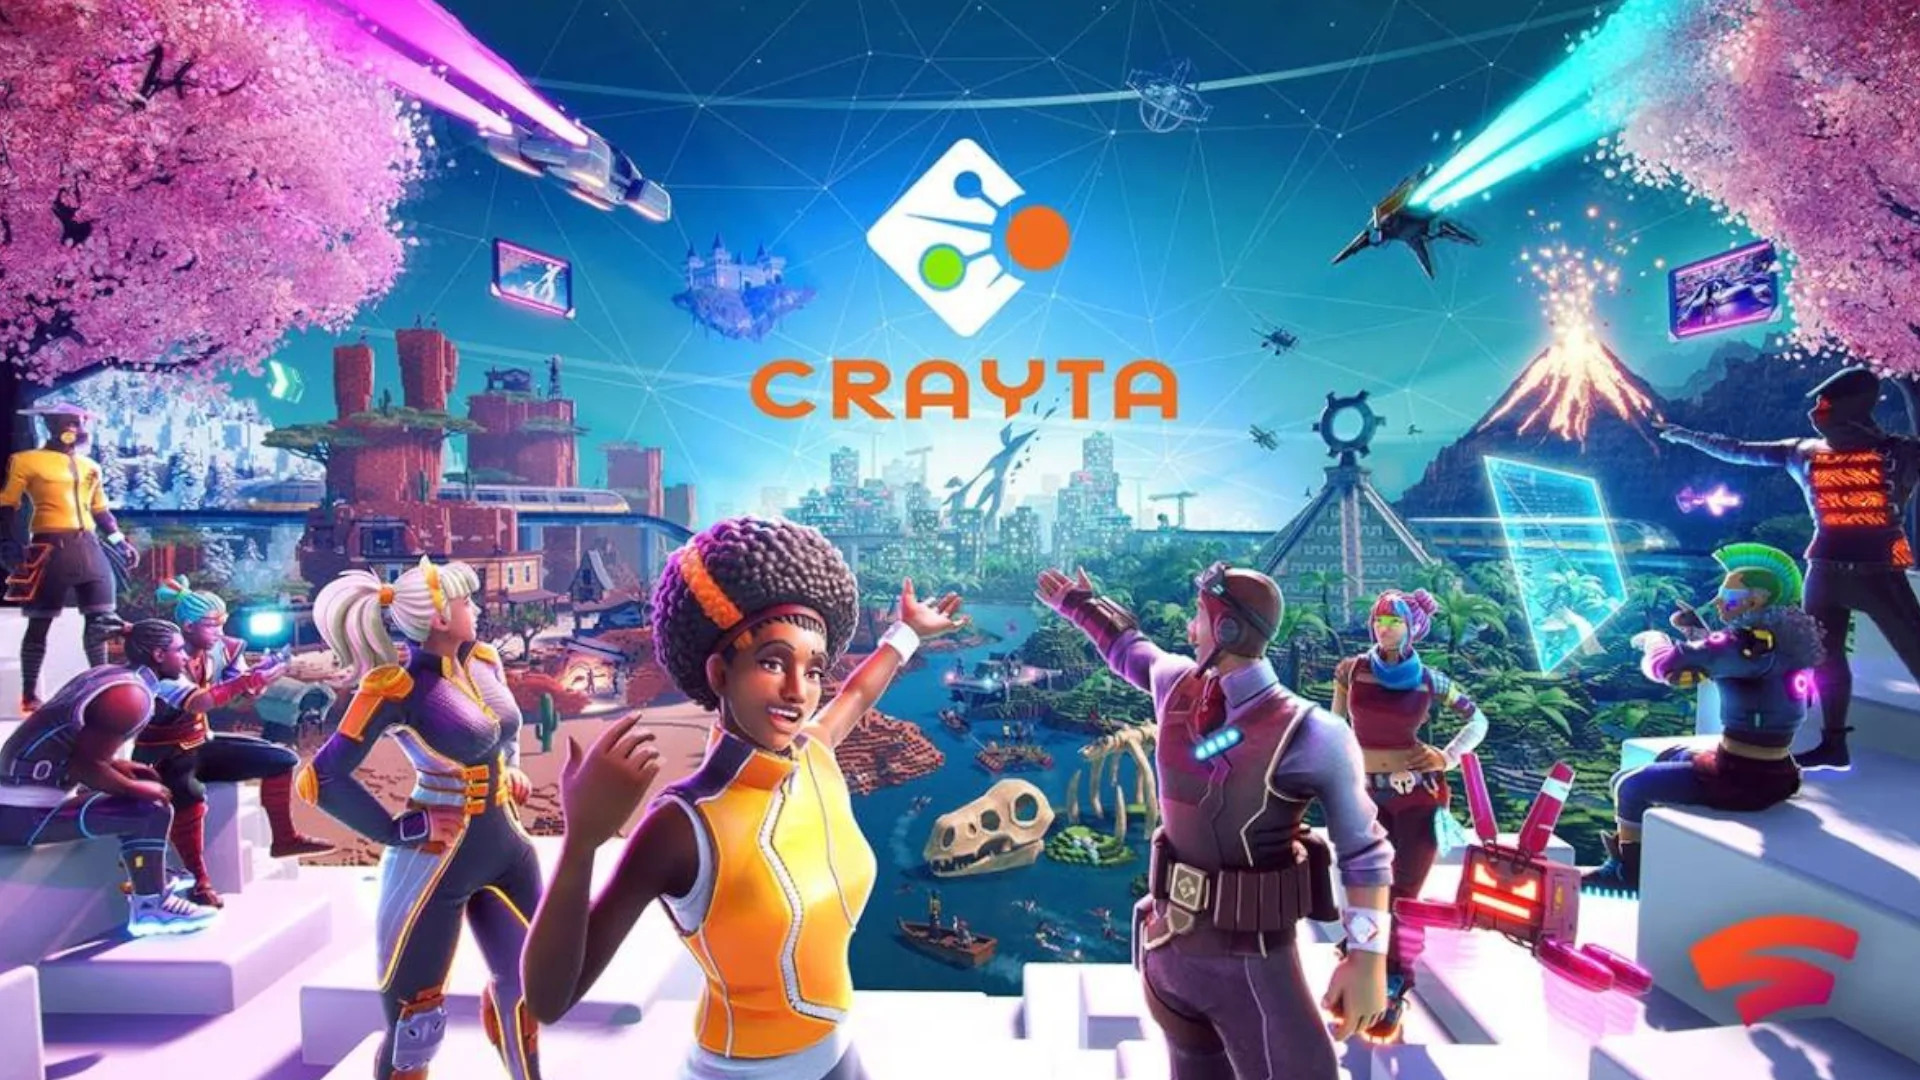 Crayta